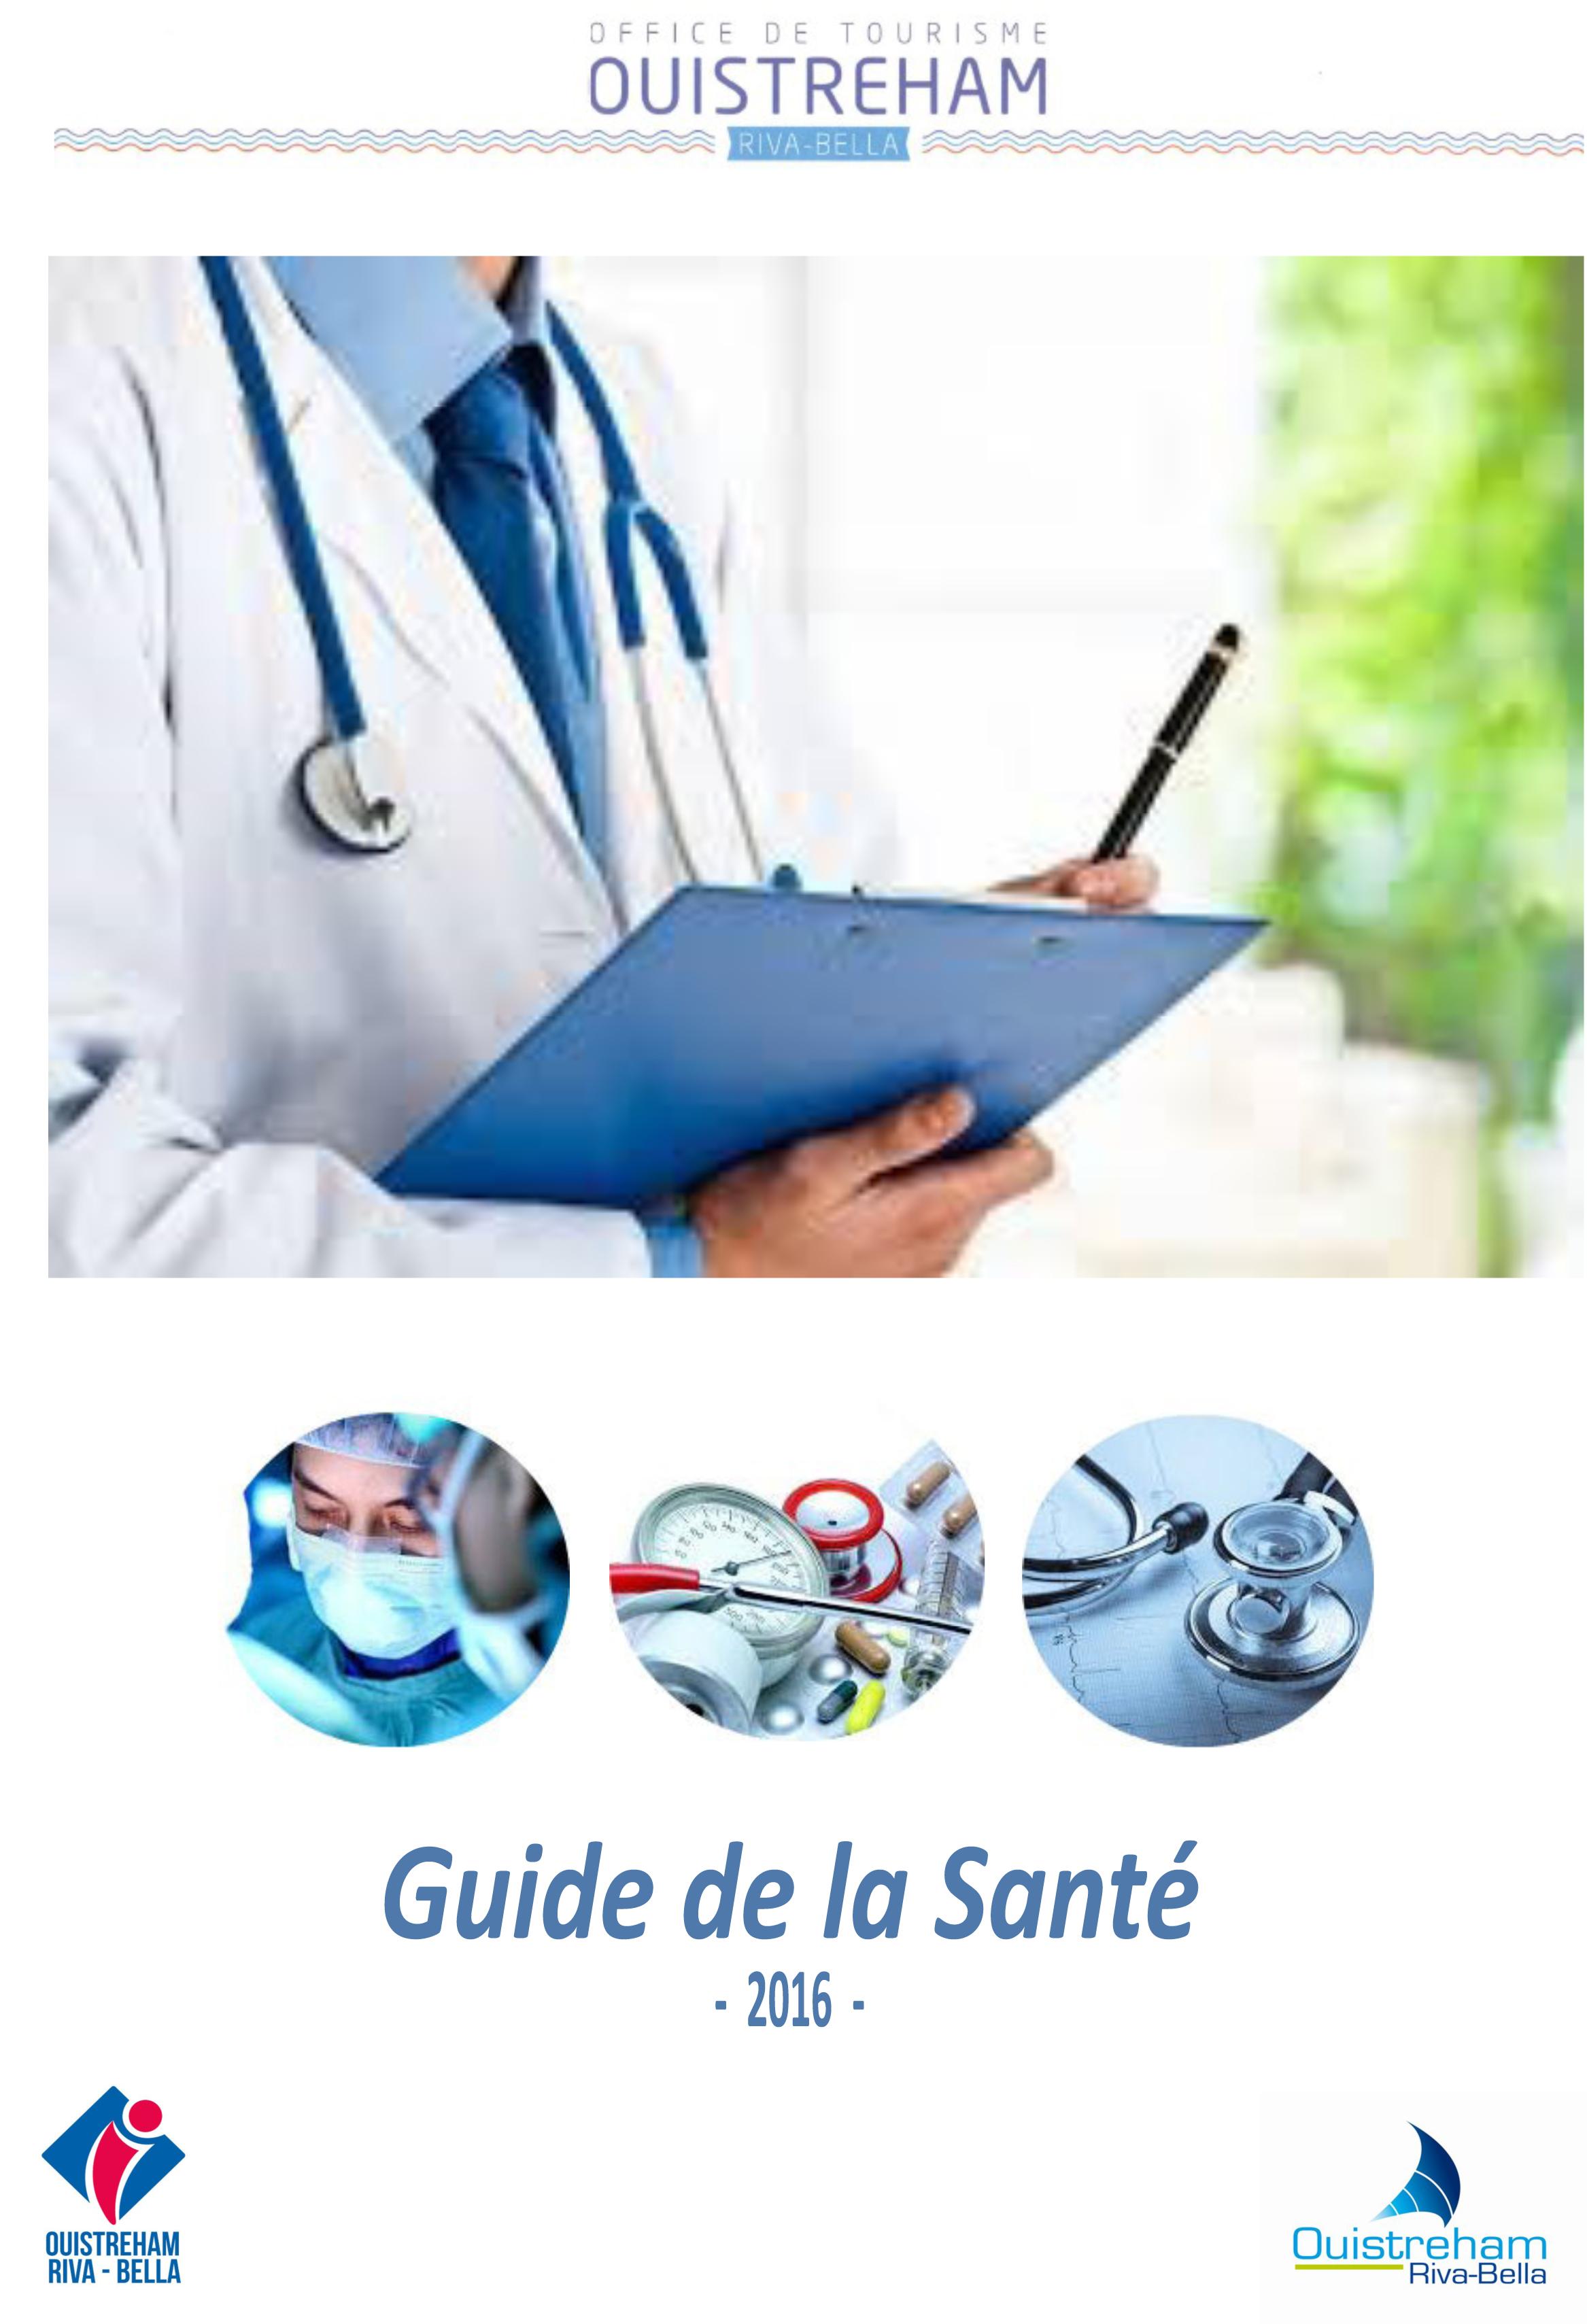 Guide de la Santé 2016